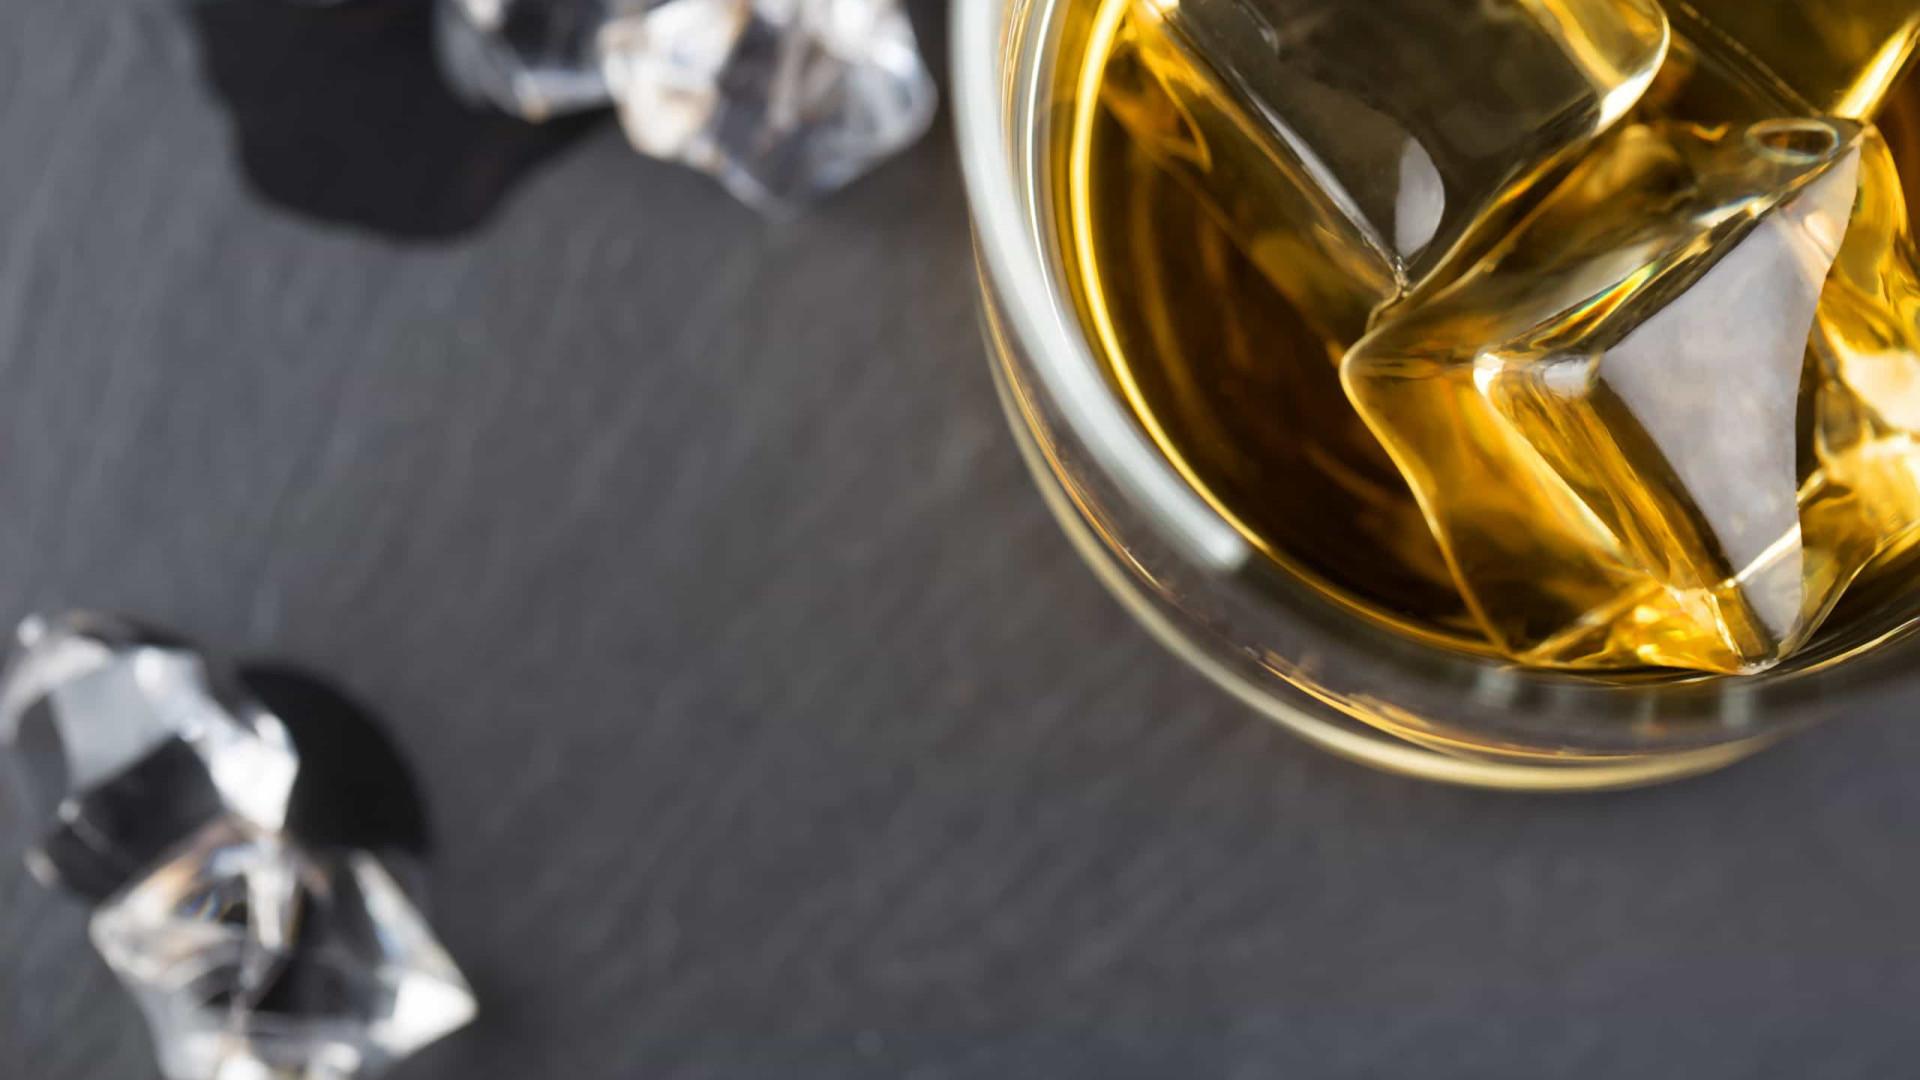 Beber whiskey moderadamente traz benefícios para a saúde